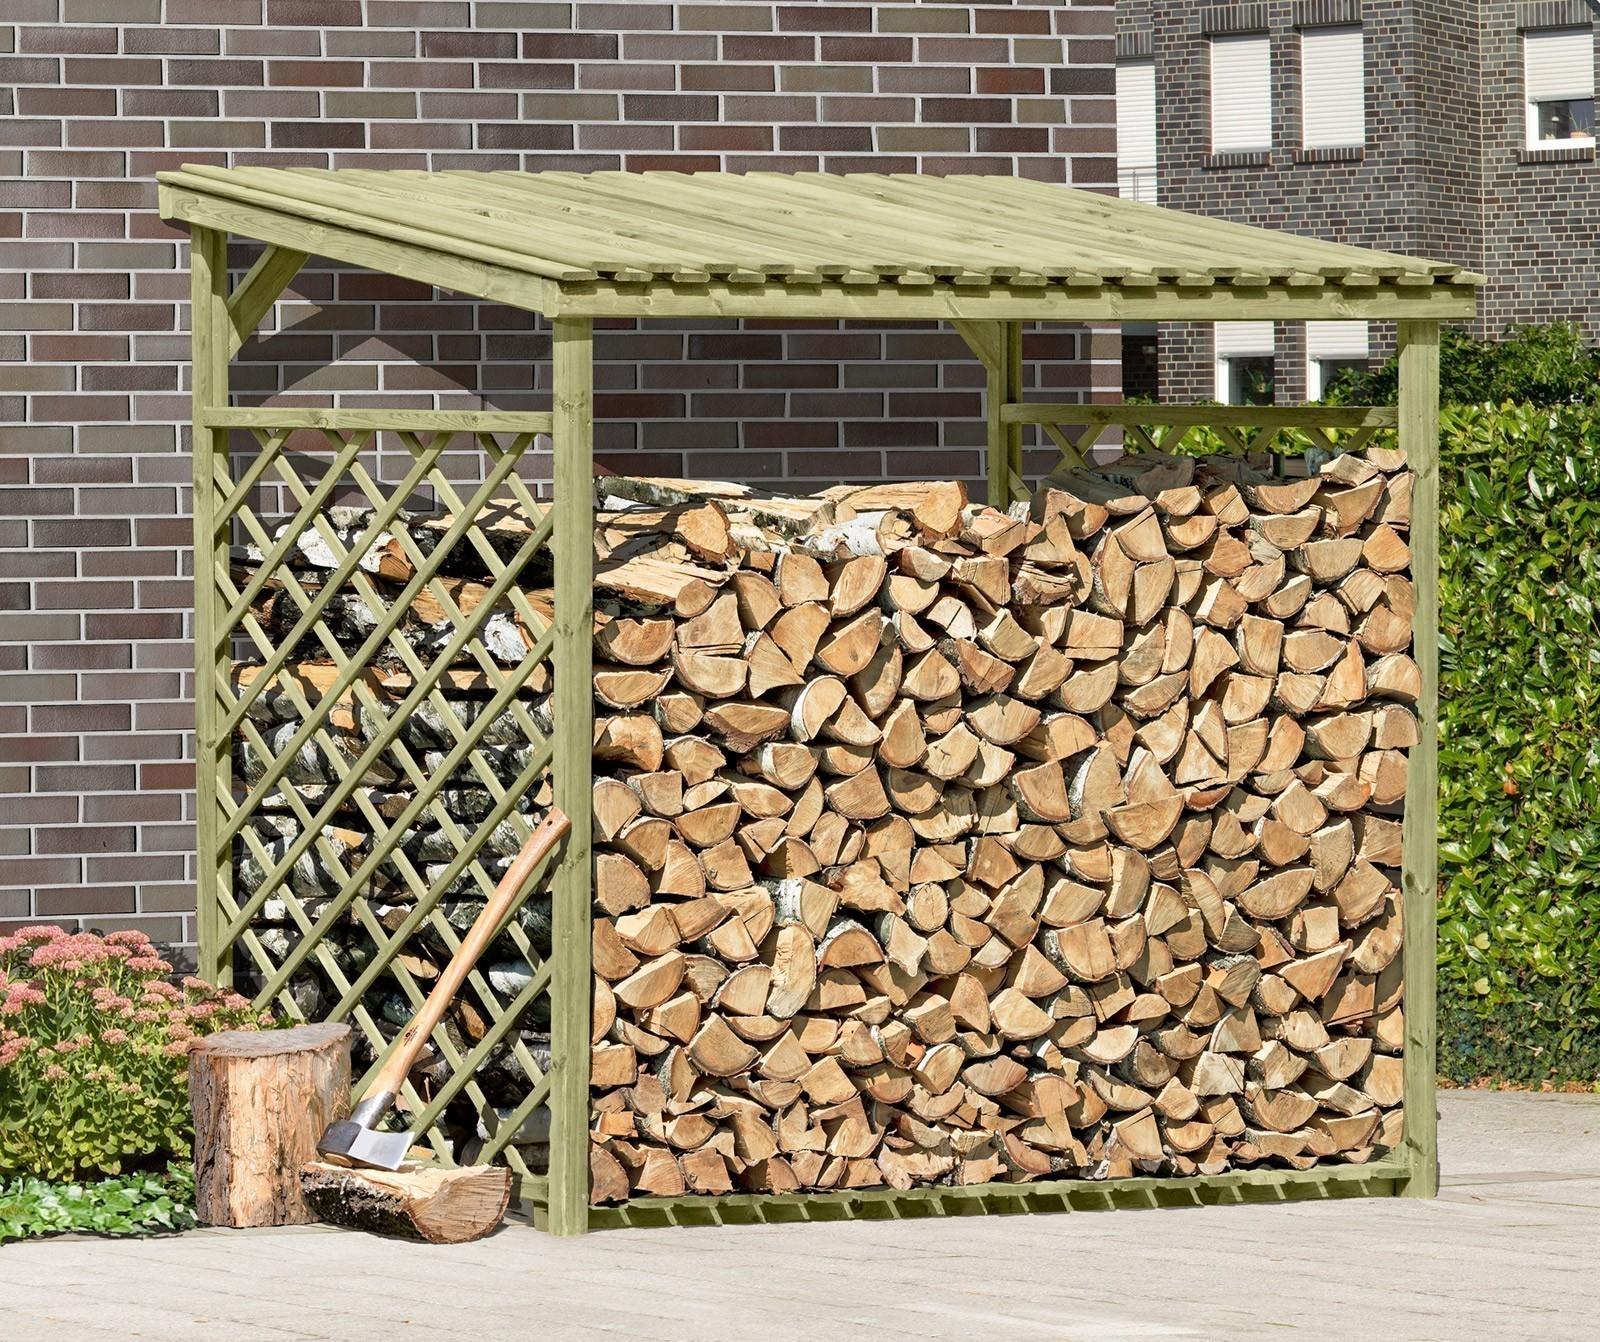 kaminholzregal brennholzregal 237x114x203 cm holz kdi bei. Black Bedroom Furniture Sets. Home Design Ideas